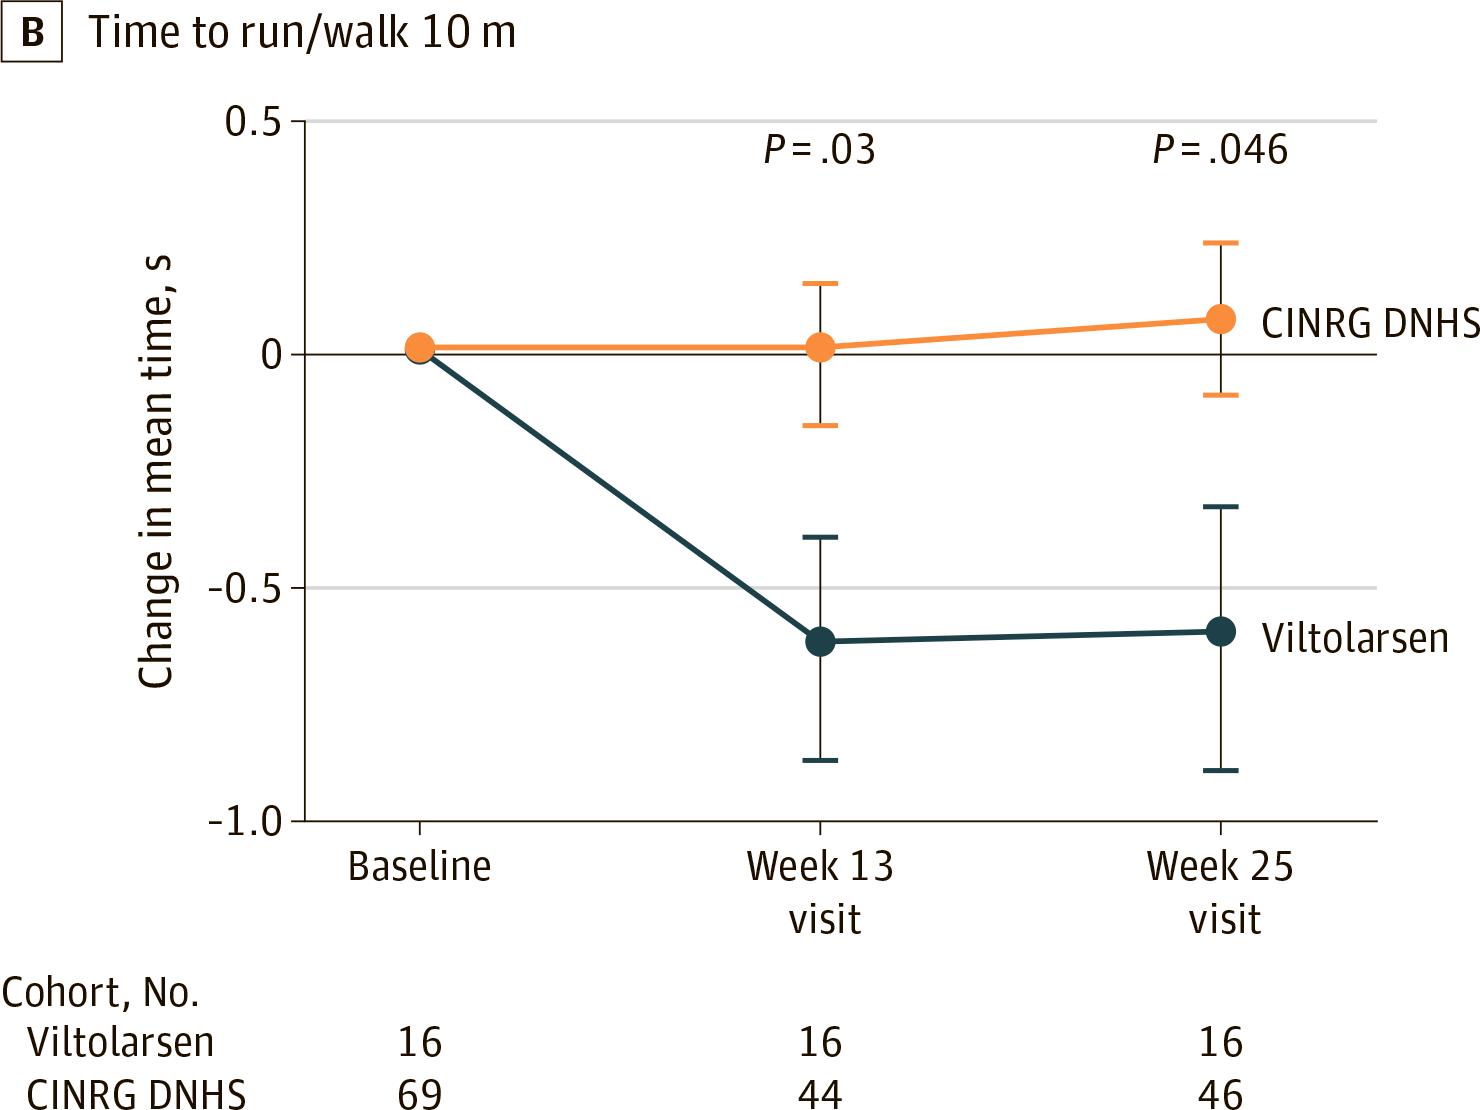 nct02740972 results 05 - «Вилтепсо»: новое лекарство против мышечной дистрофии Дюшенна